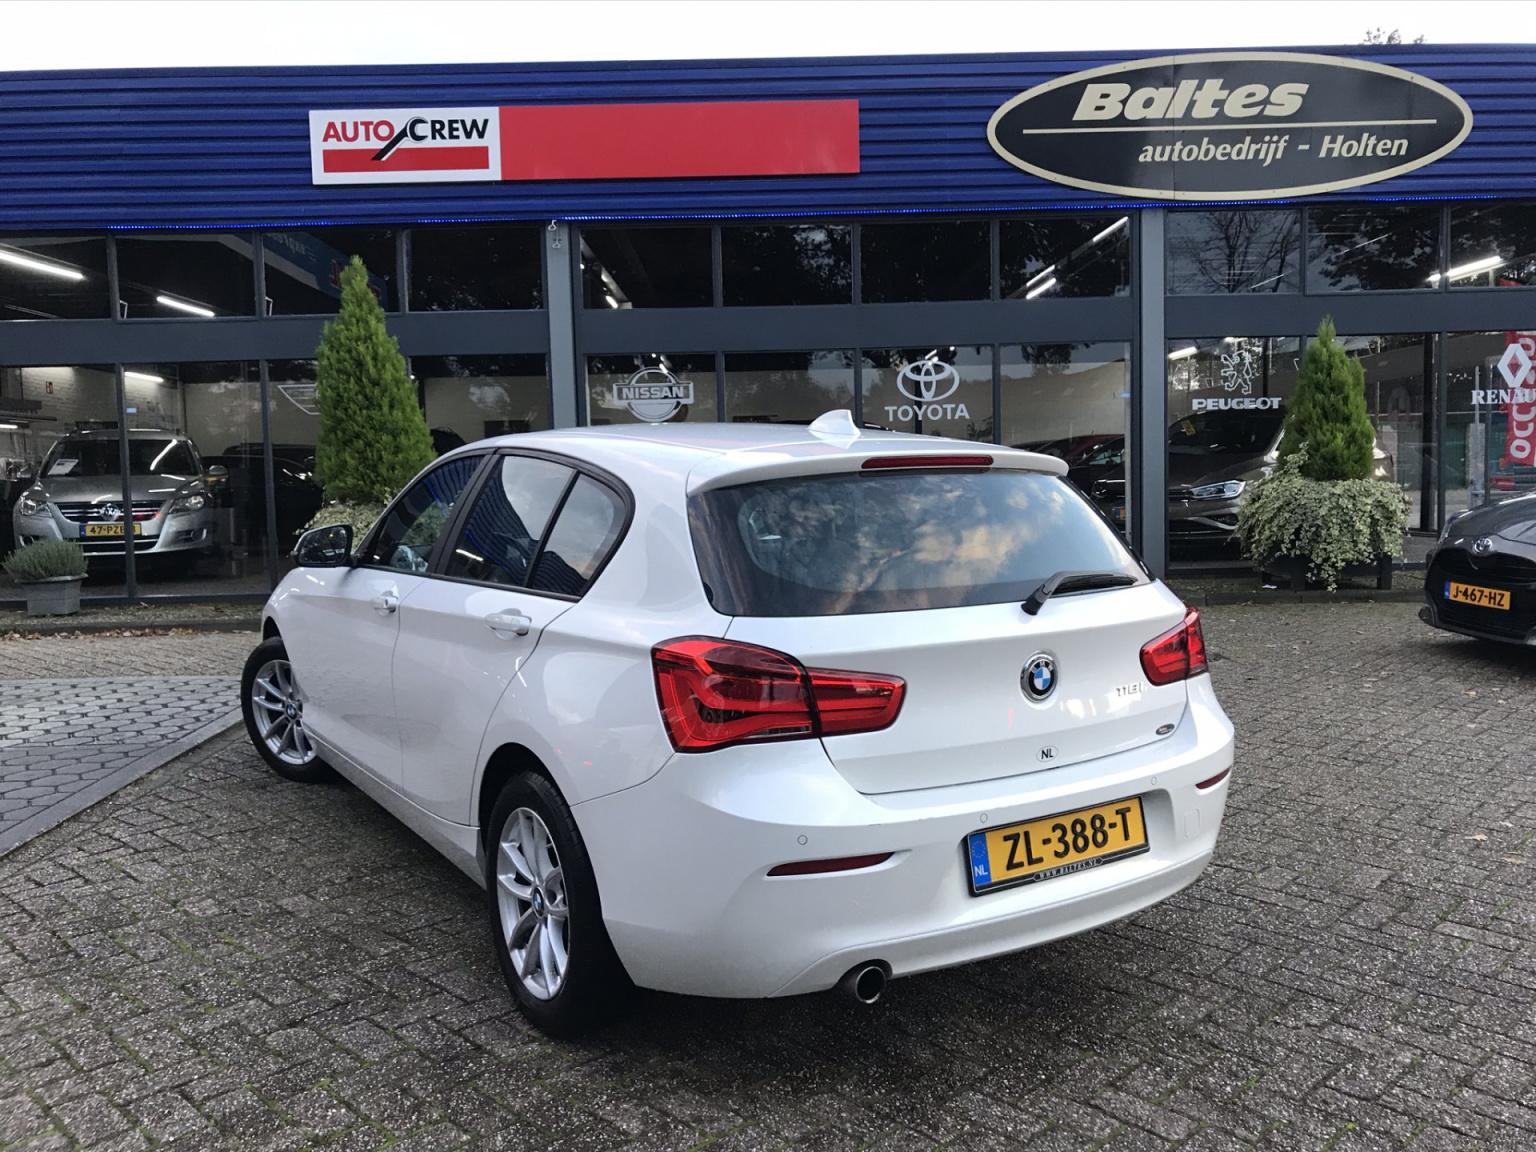 BMW-1 Serie-34